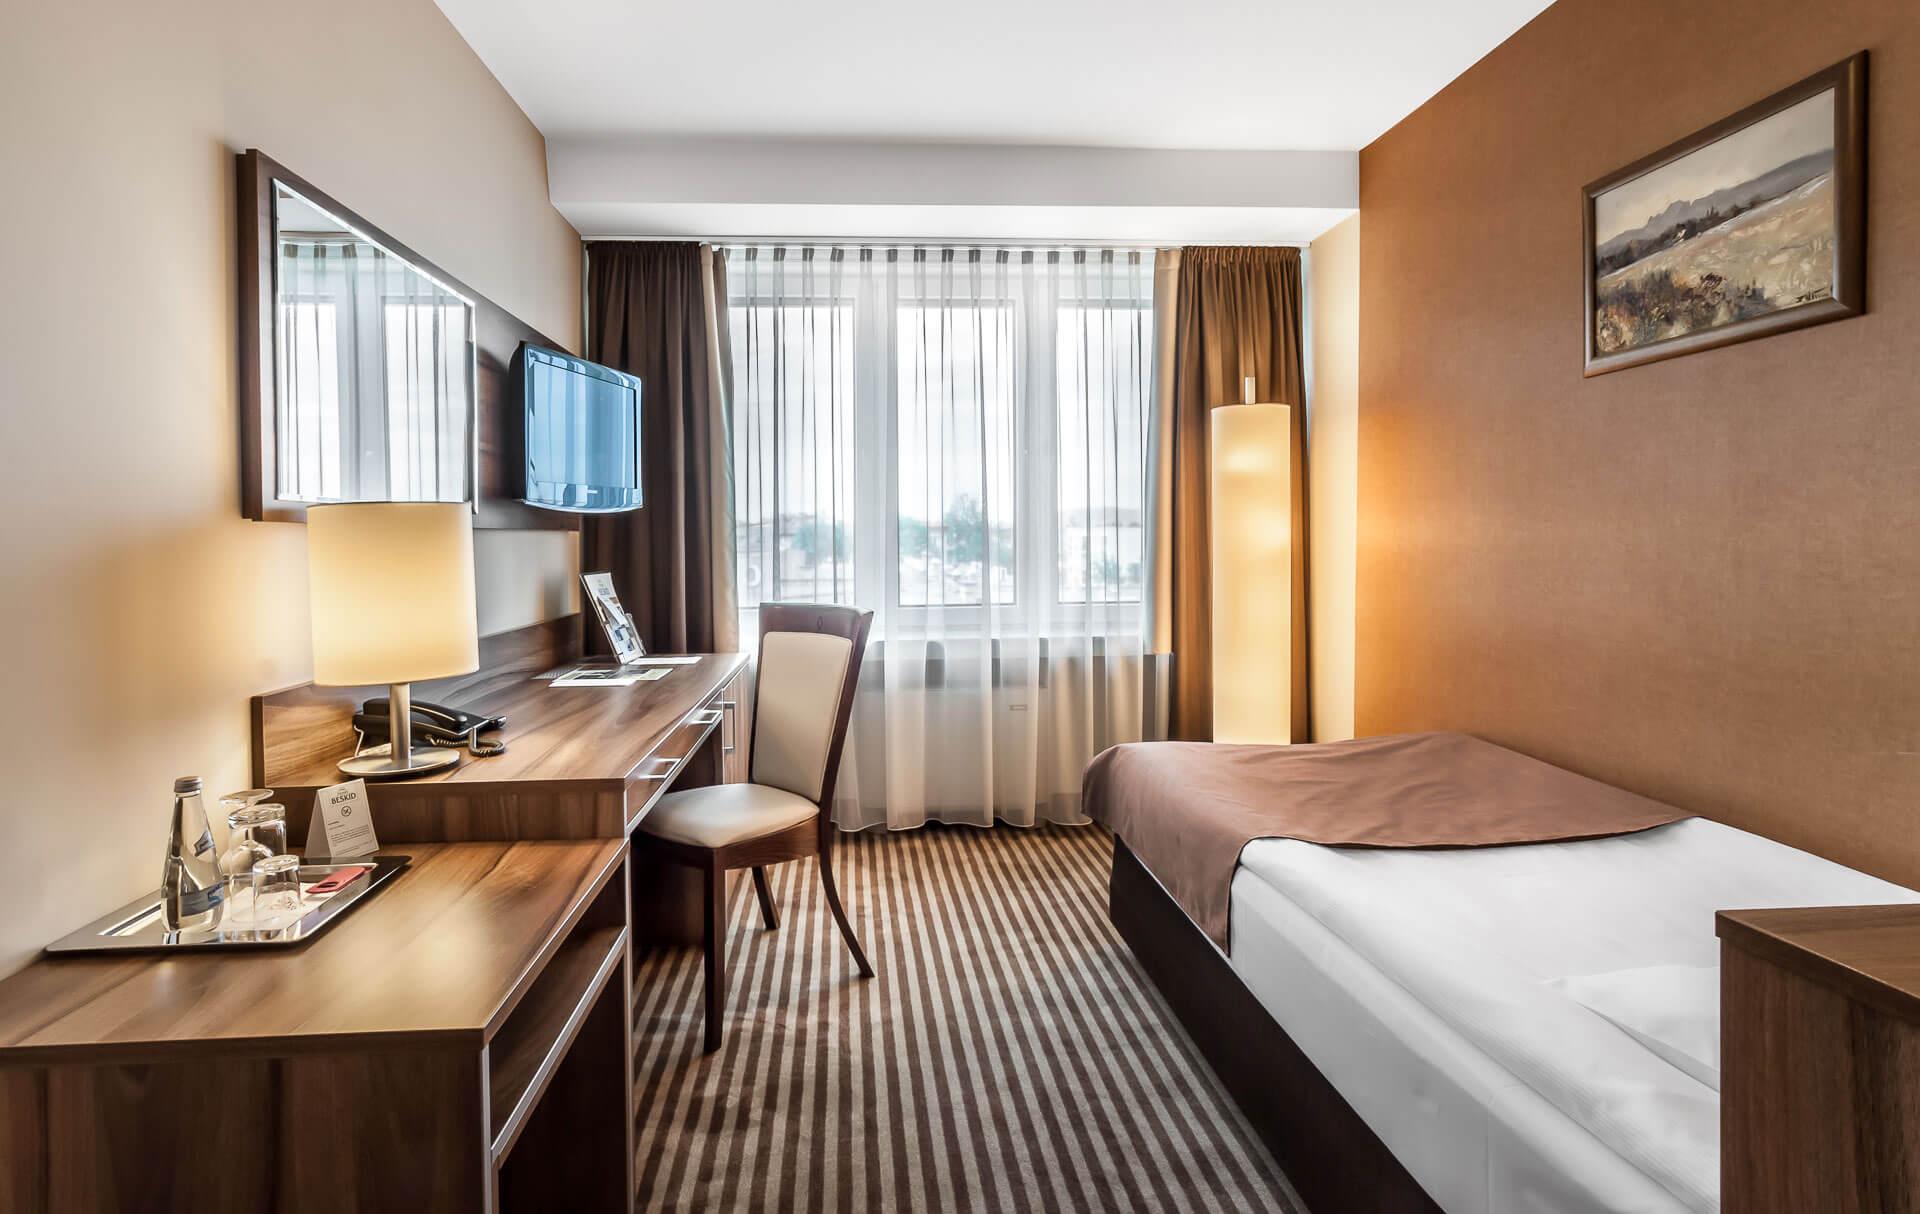 Pokój jednoosobowy - Hotel Beskid****